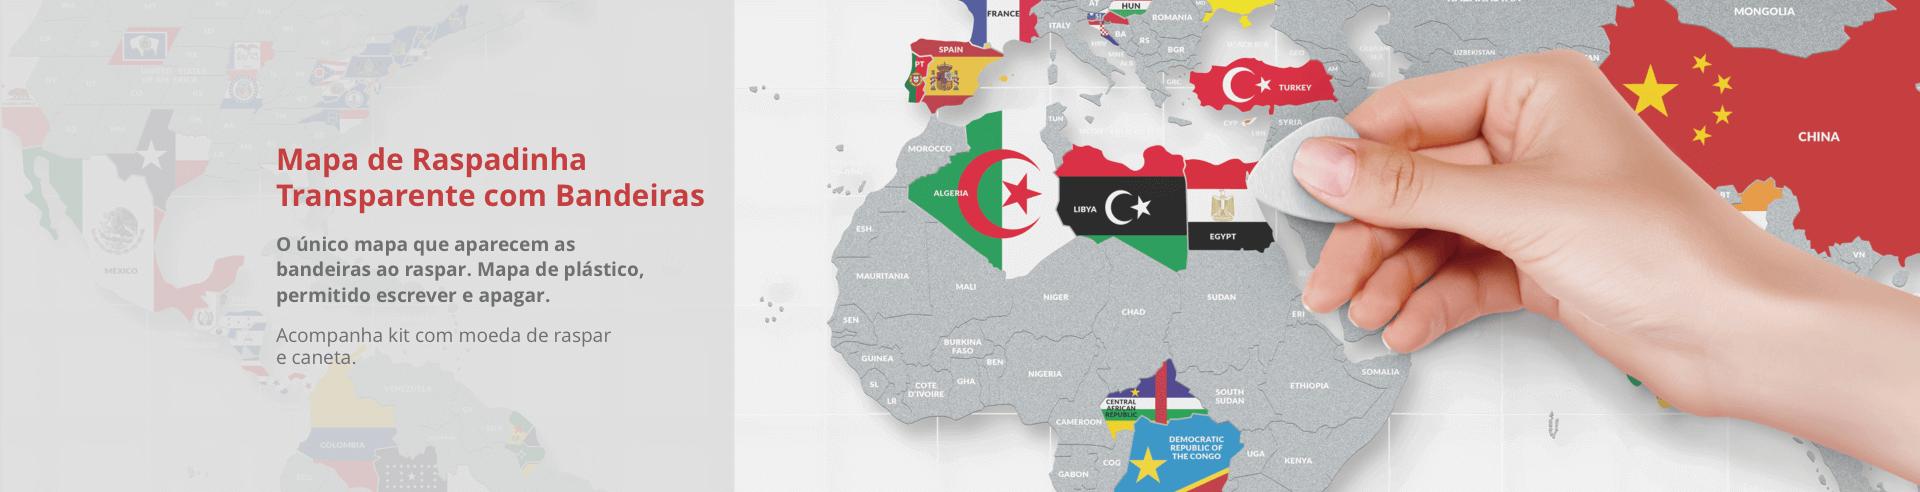 Mapa de Raspadinha Transparente